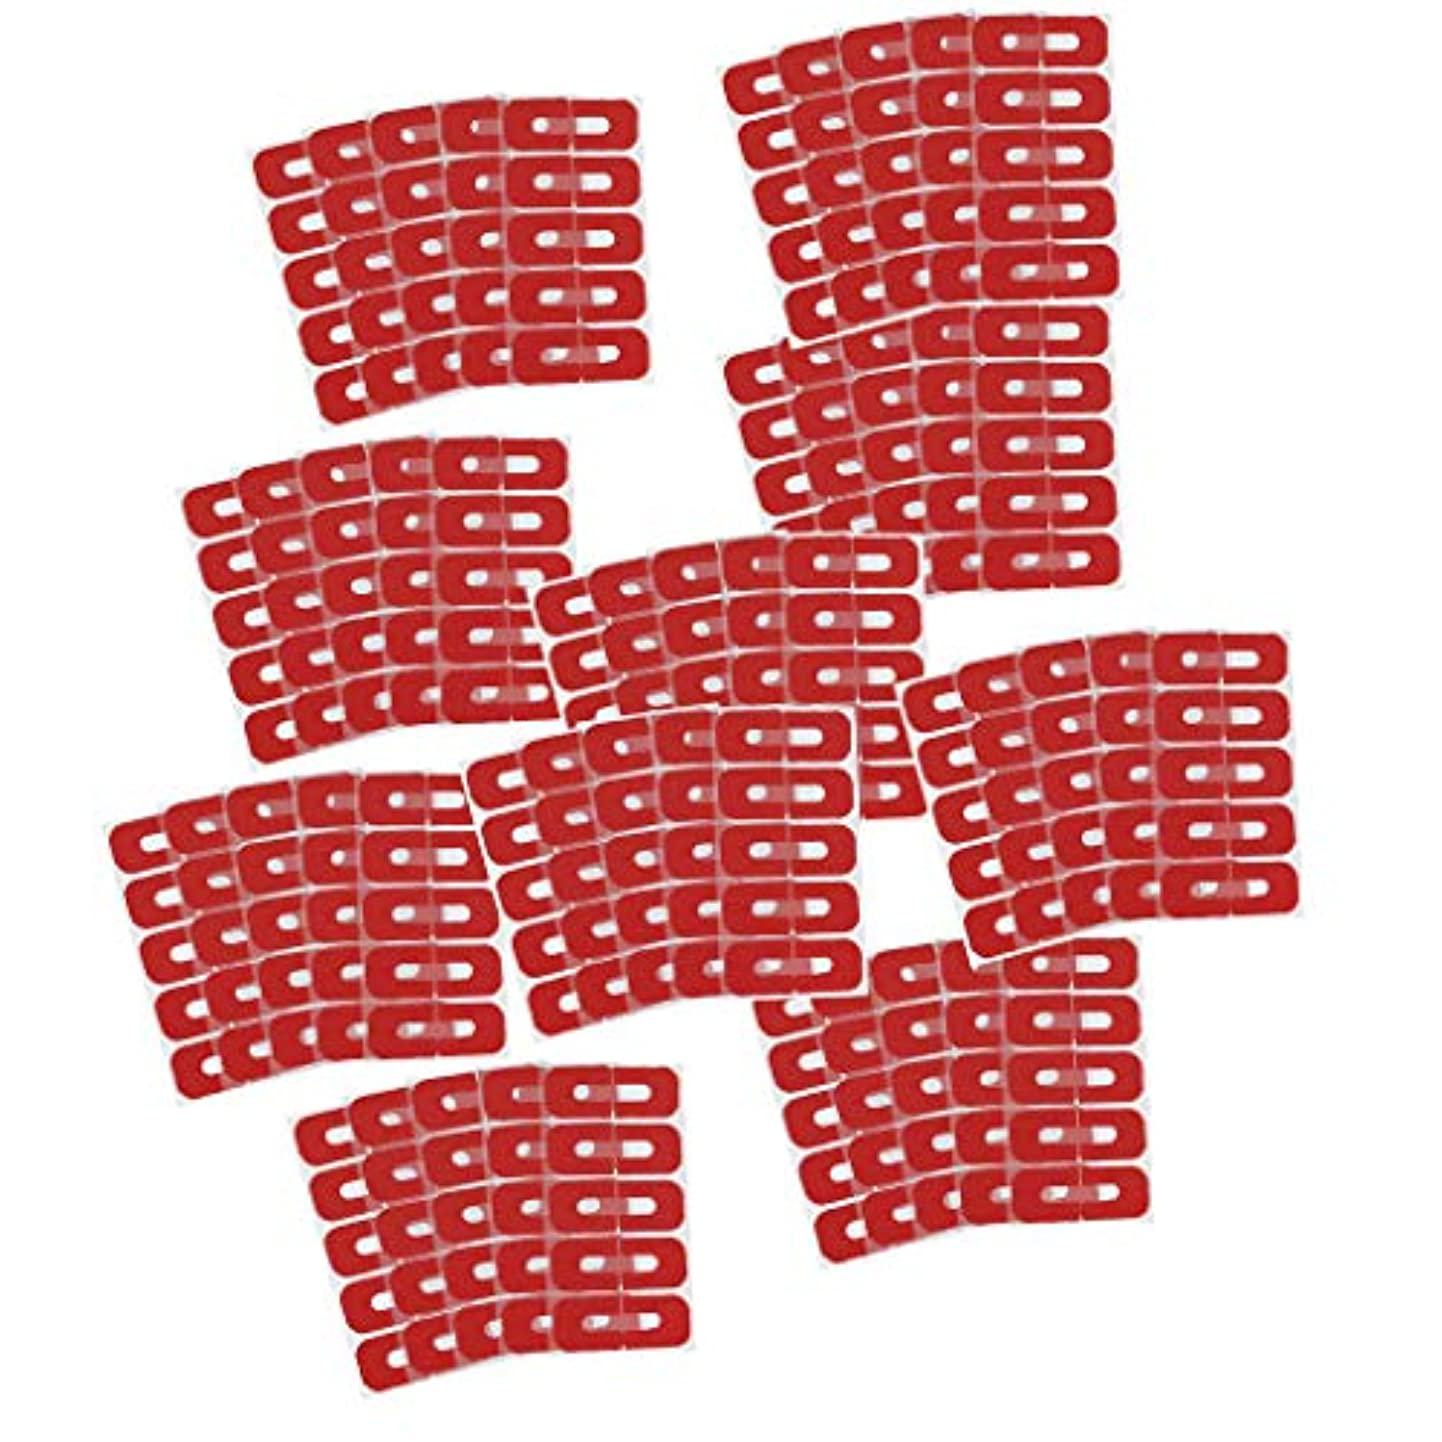 試験分析する設計図Toygogo 50ピース赤使い捨てピールオフテープネイルアートこぼれ防止スキンバリアポーランドプロテクターカバーガード